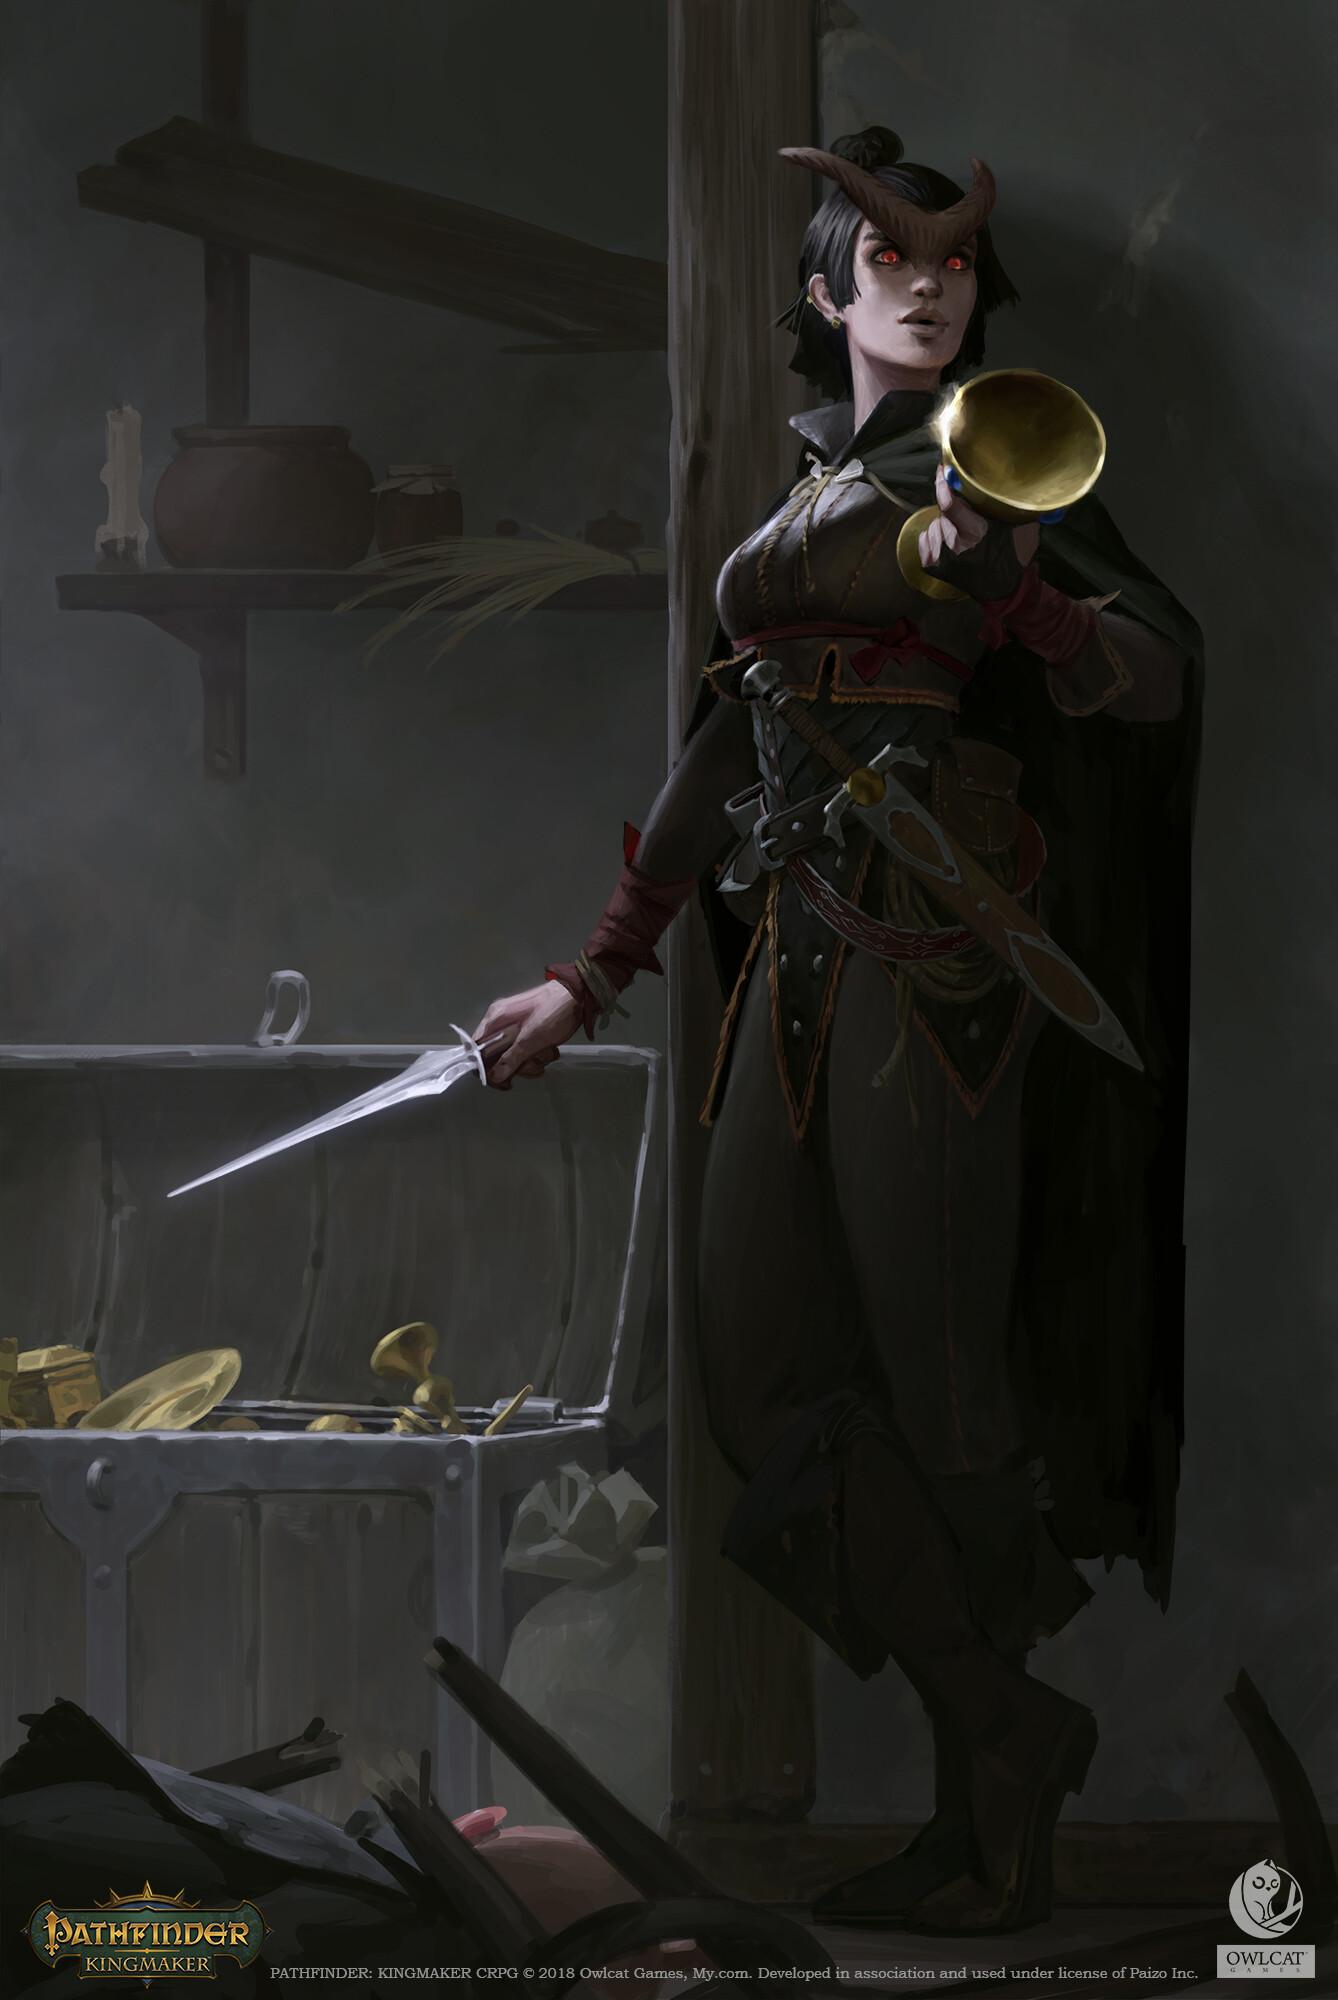 Pathfinder: Kingmaker - Tiefling by Akim Kaliberda